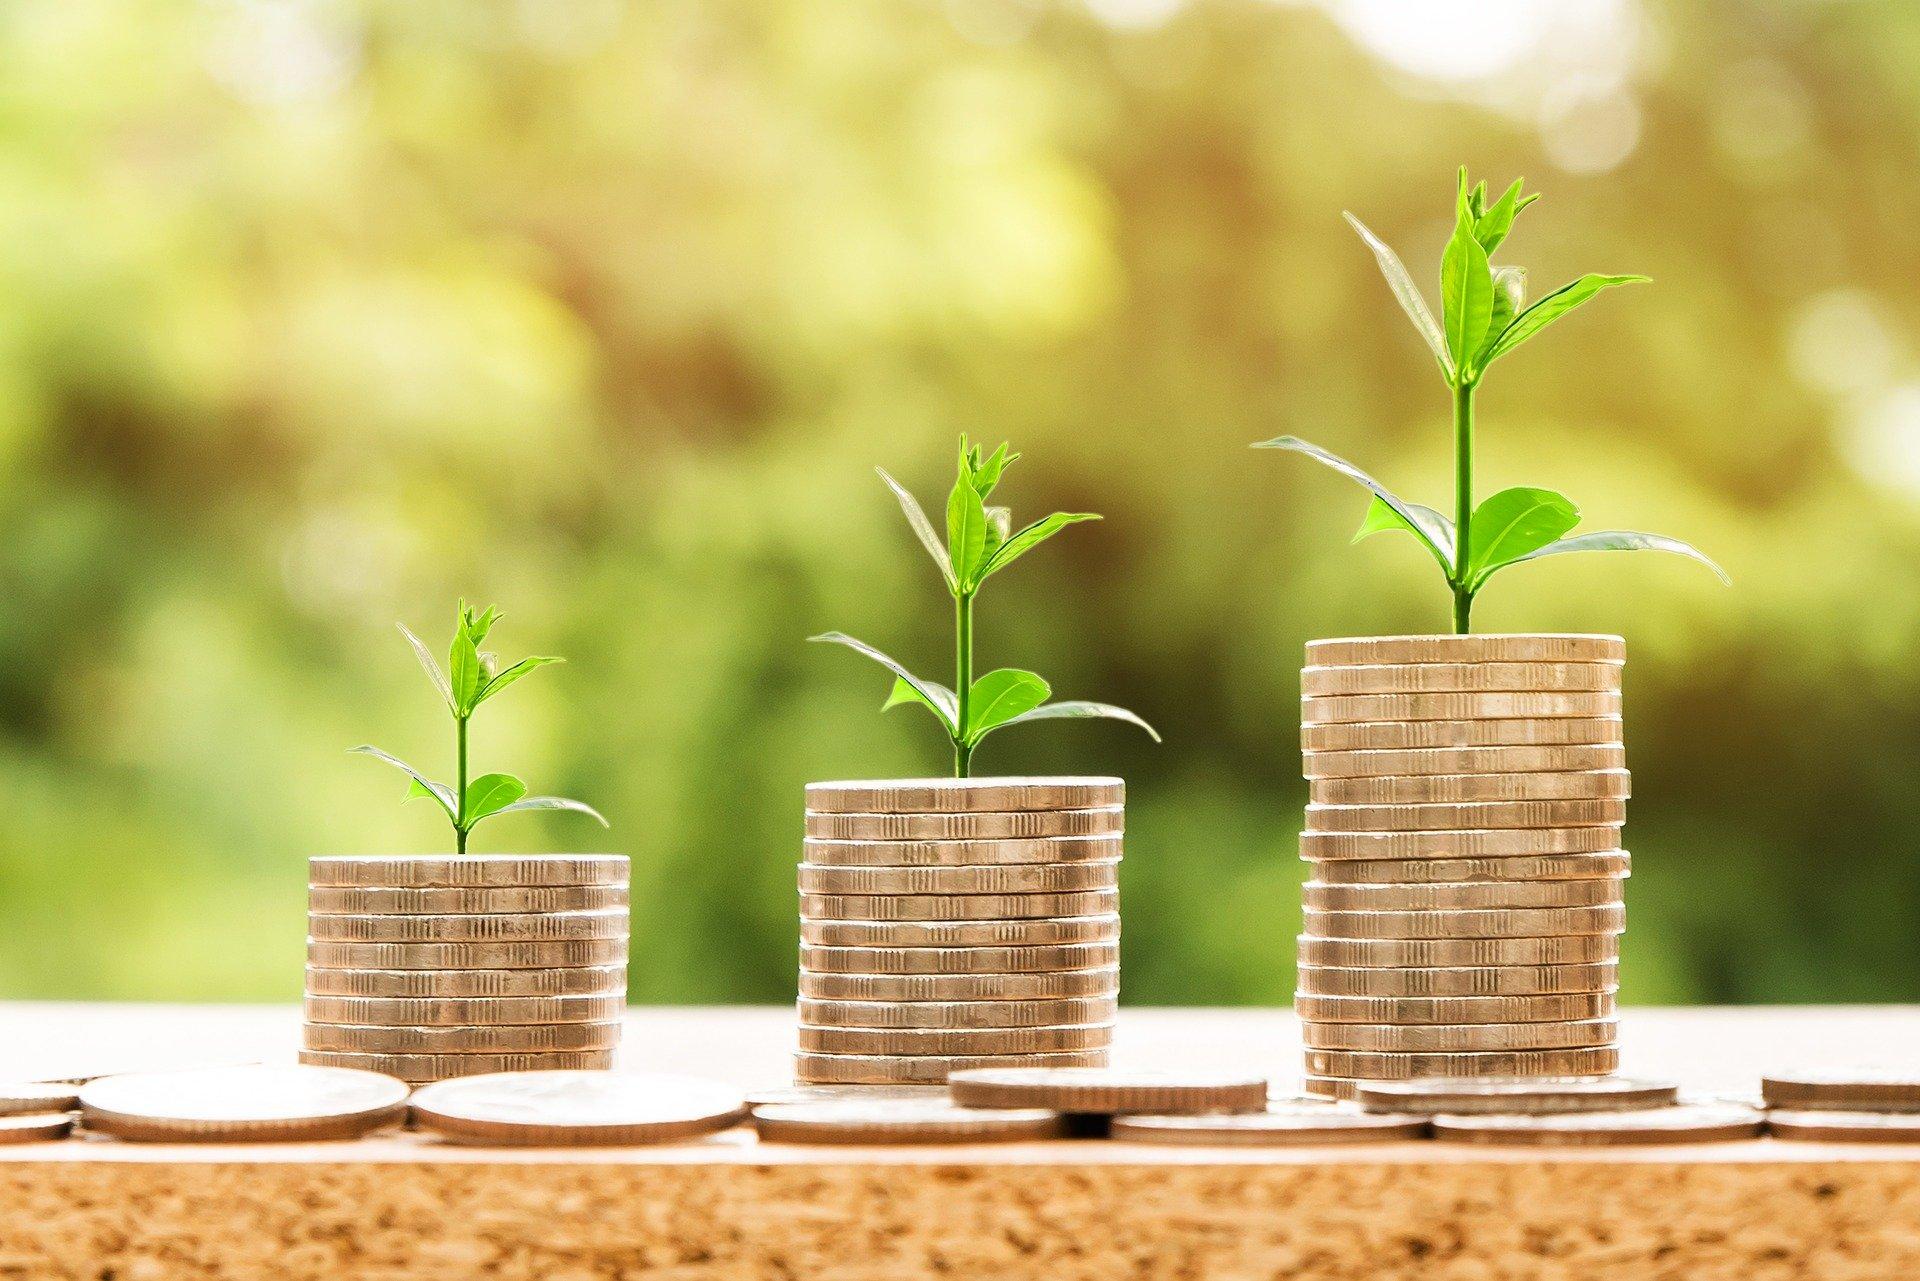 GRÜNE Fraktion stimmt Haushalt 2021 zu